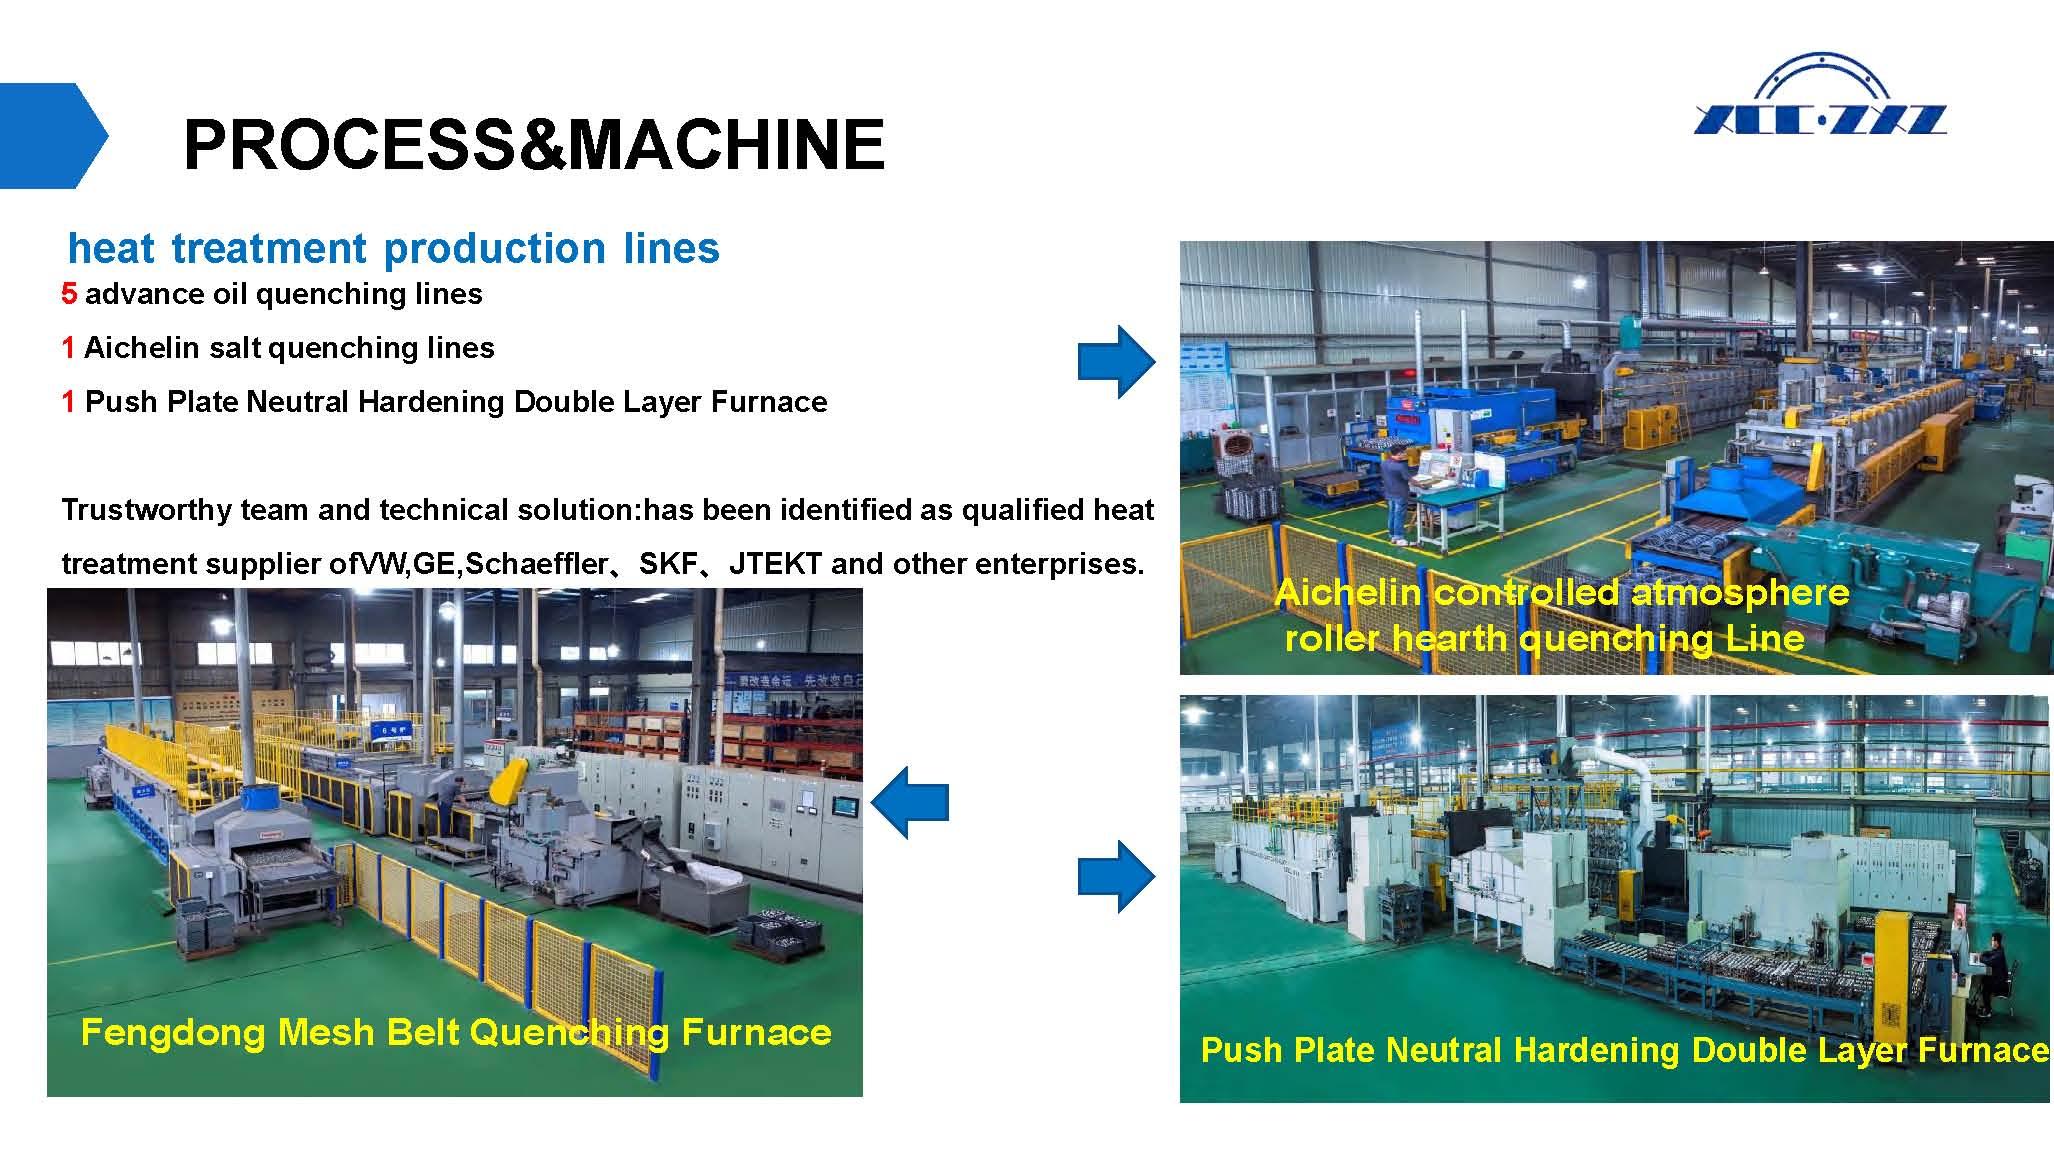 Heat treatment production line